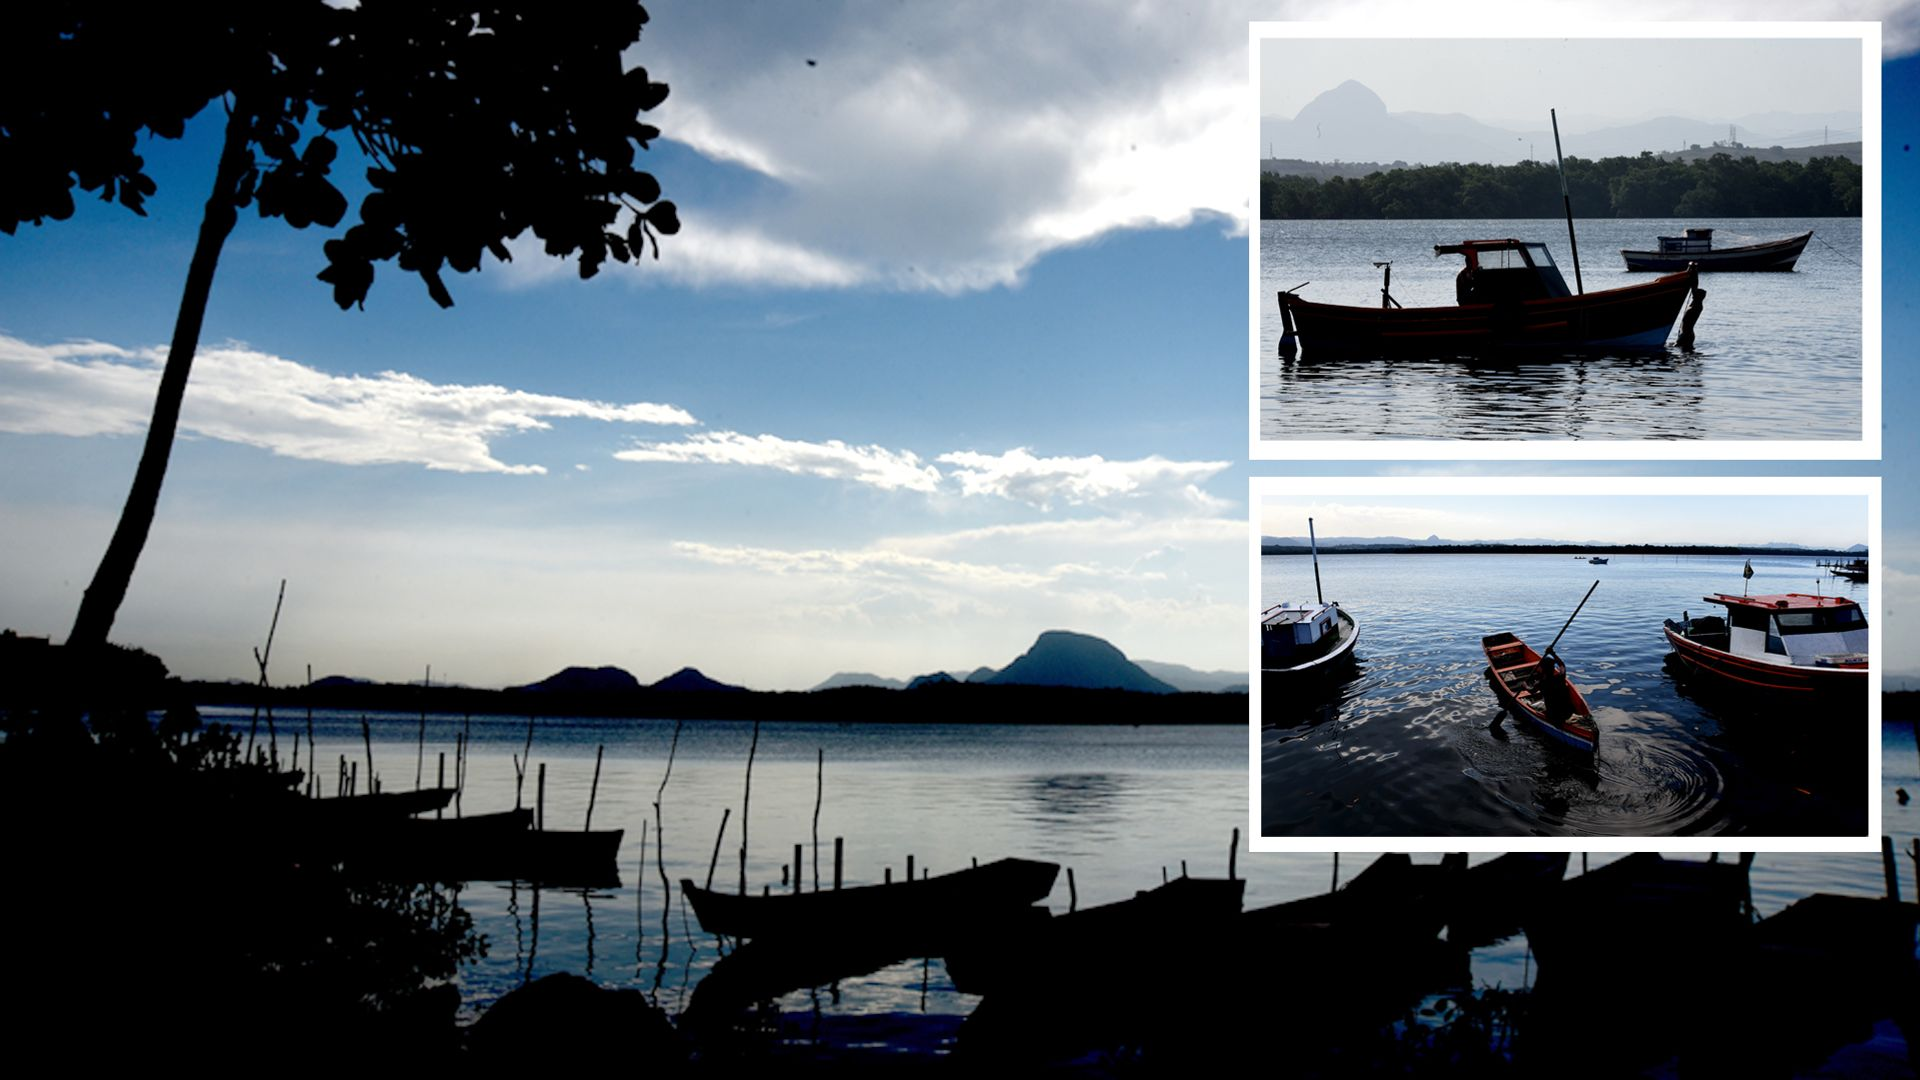 Data: 22/05/2020 - ES - Vitória - Pescador da Ilha das Caieiras, em Vitória - Editoria: Cidades - Foto: Ricardo Medeiros - GZ